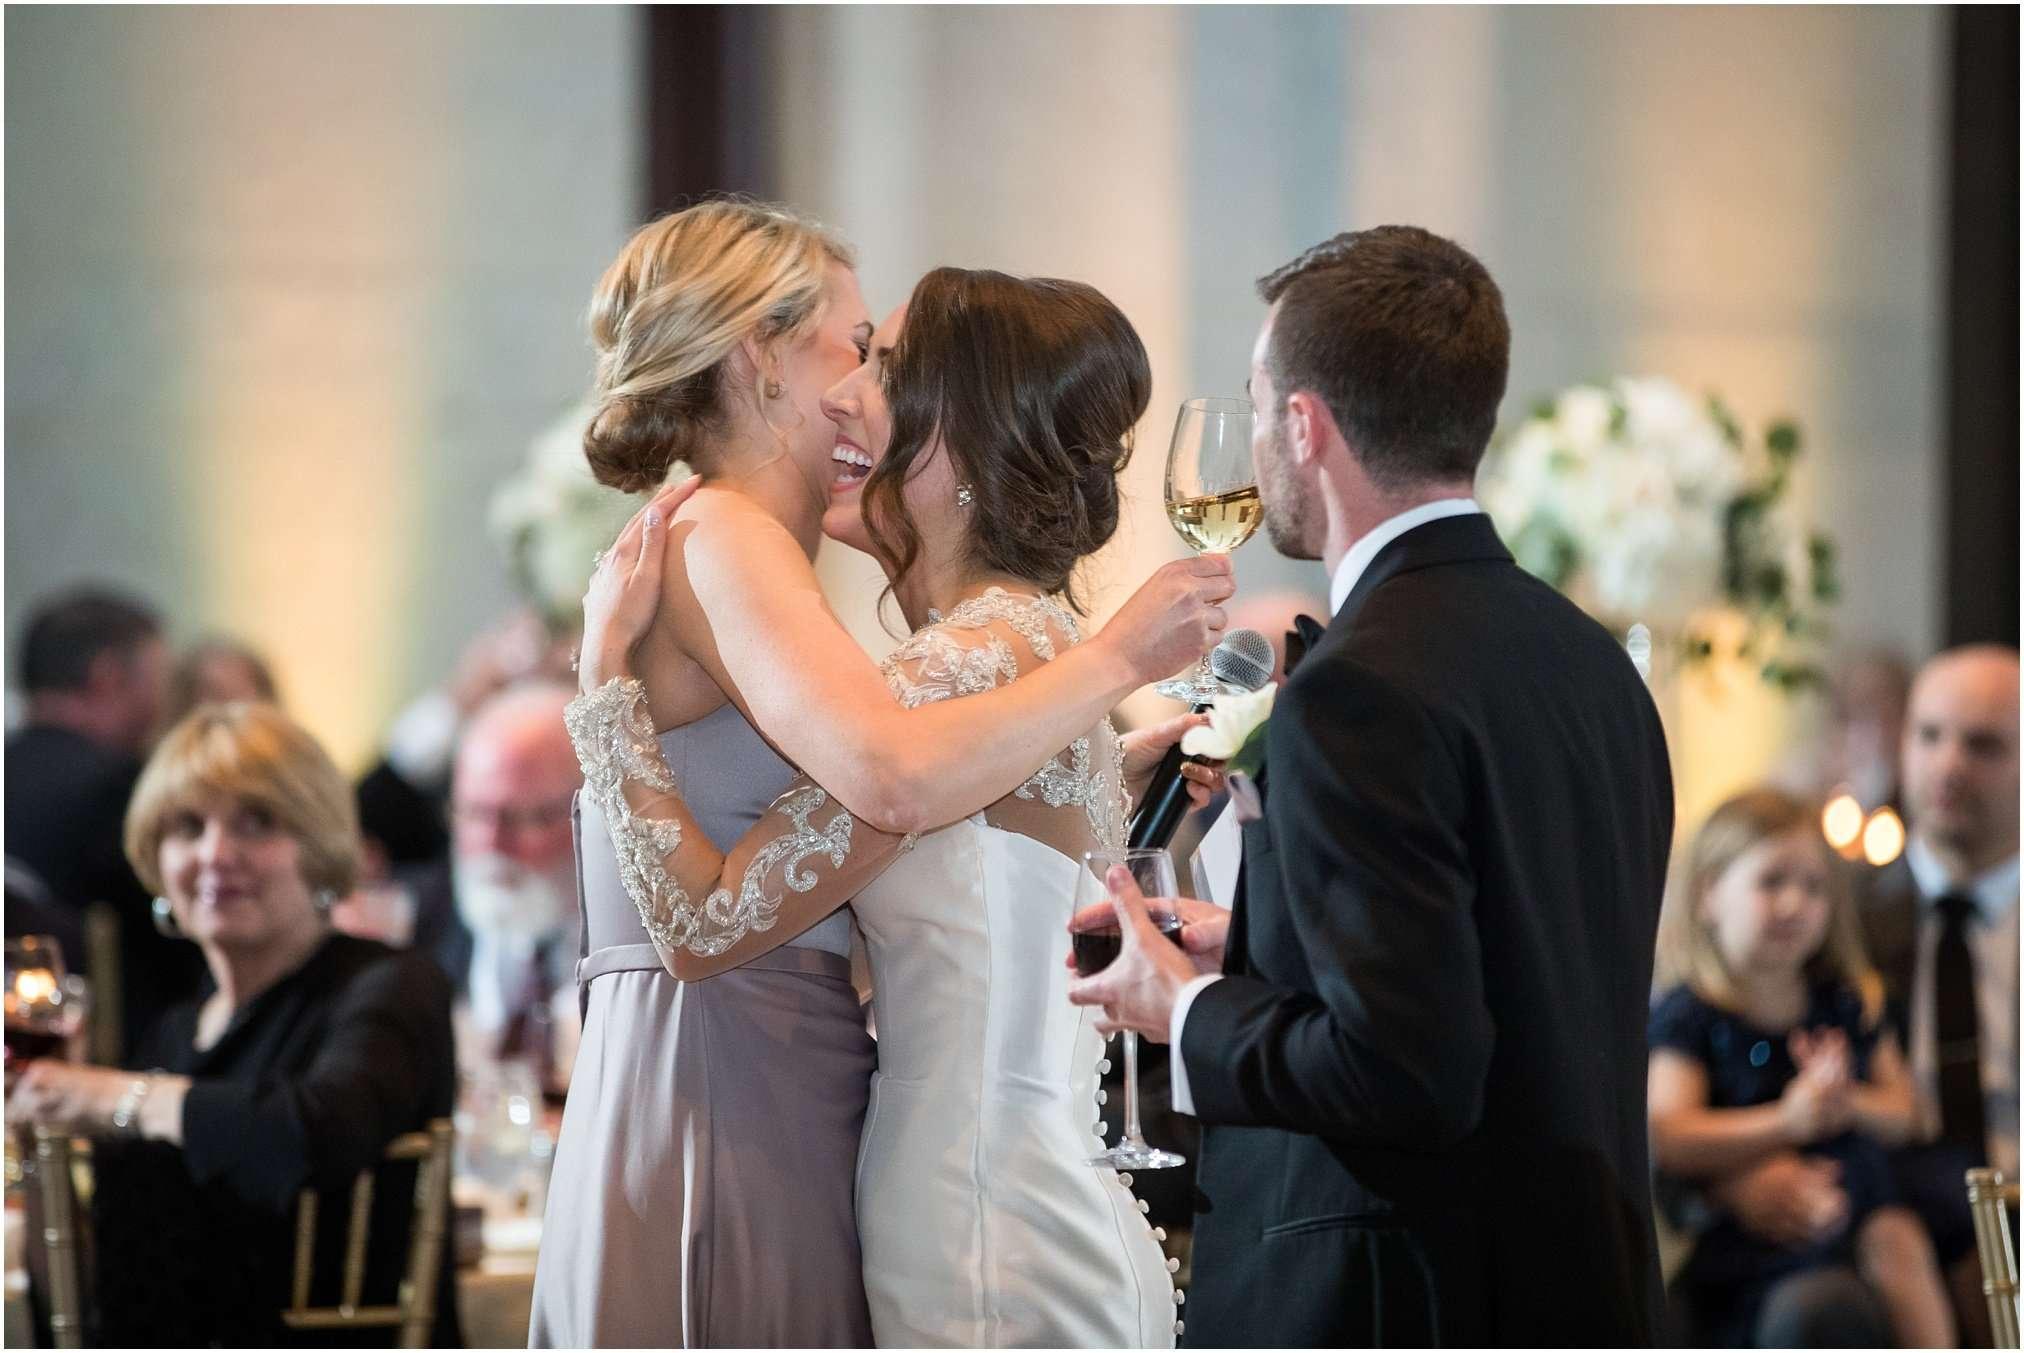 Spring Wedding at the Ohio Statehouse | Columbus Ohio Photography 192